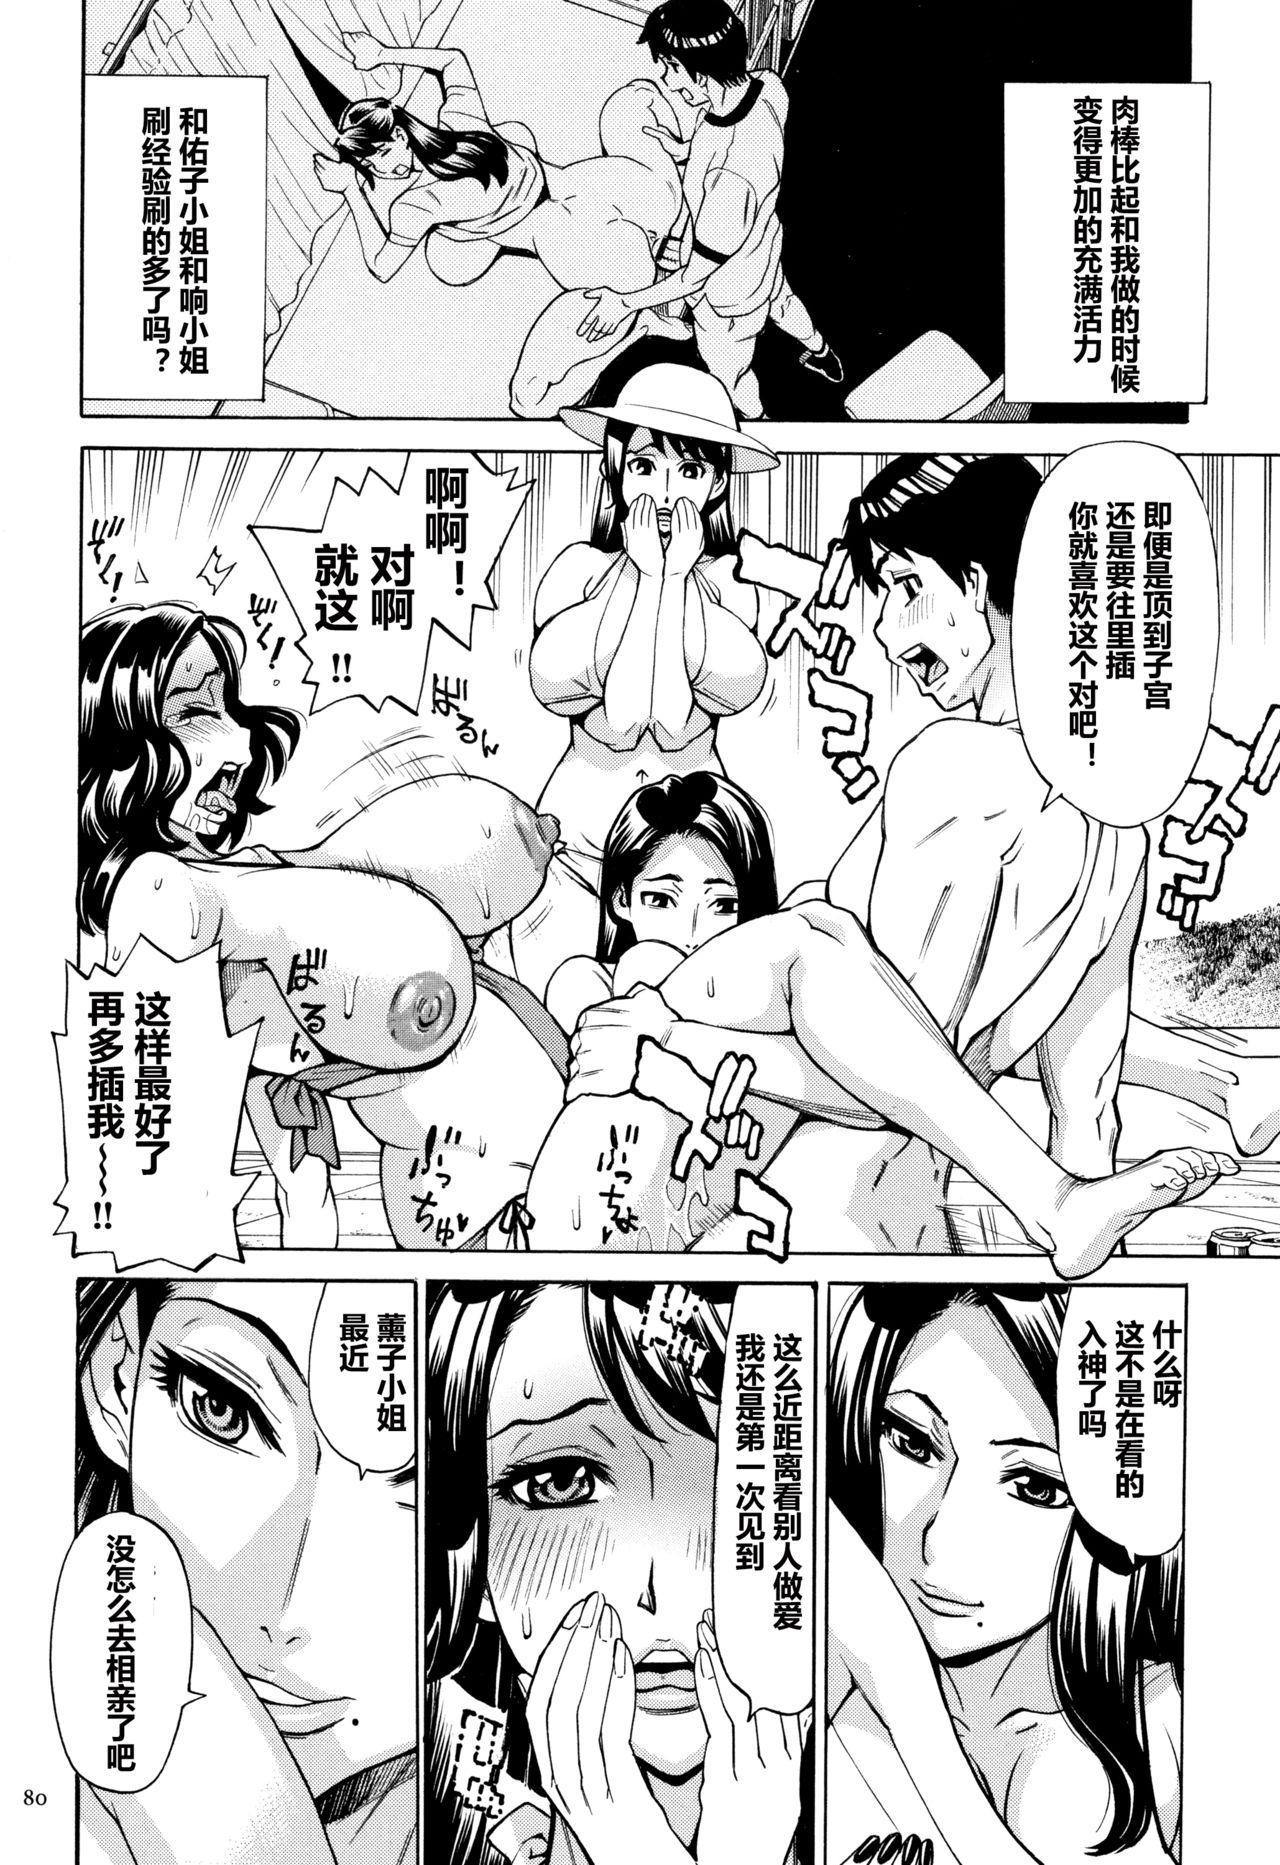 Oba-san dakedo, Daite Hoshii. 80